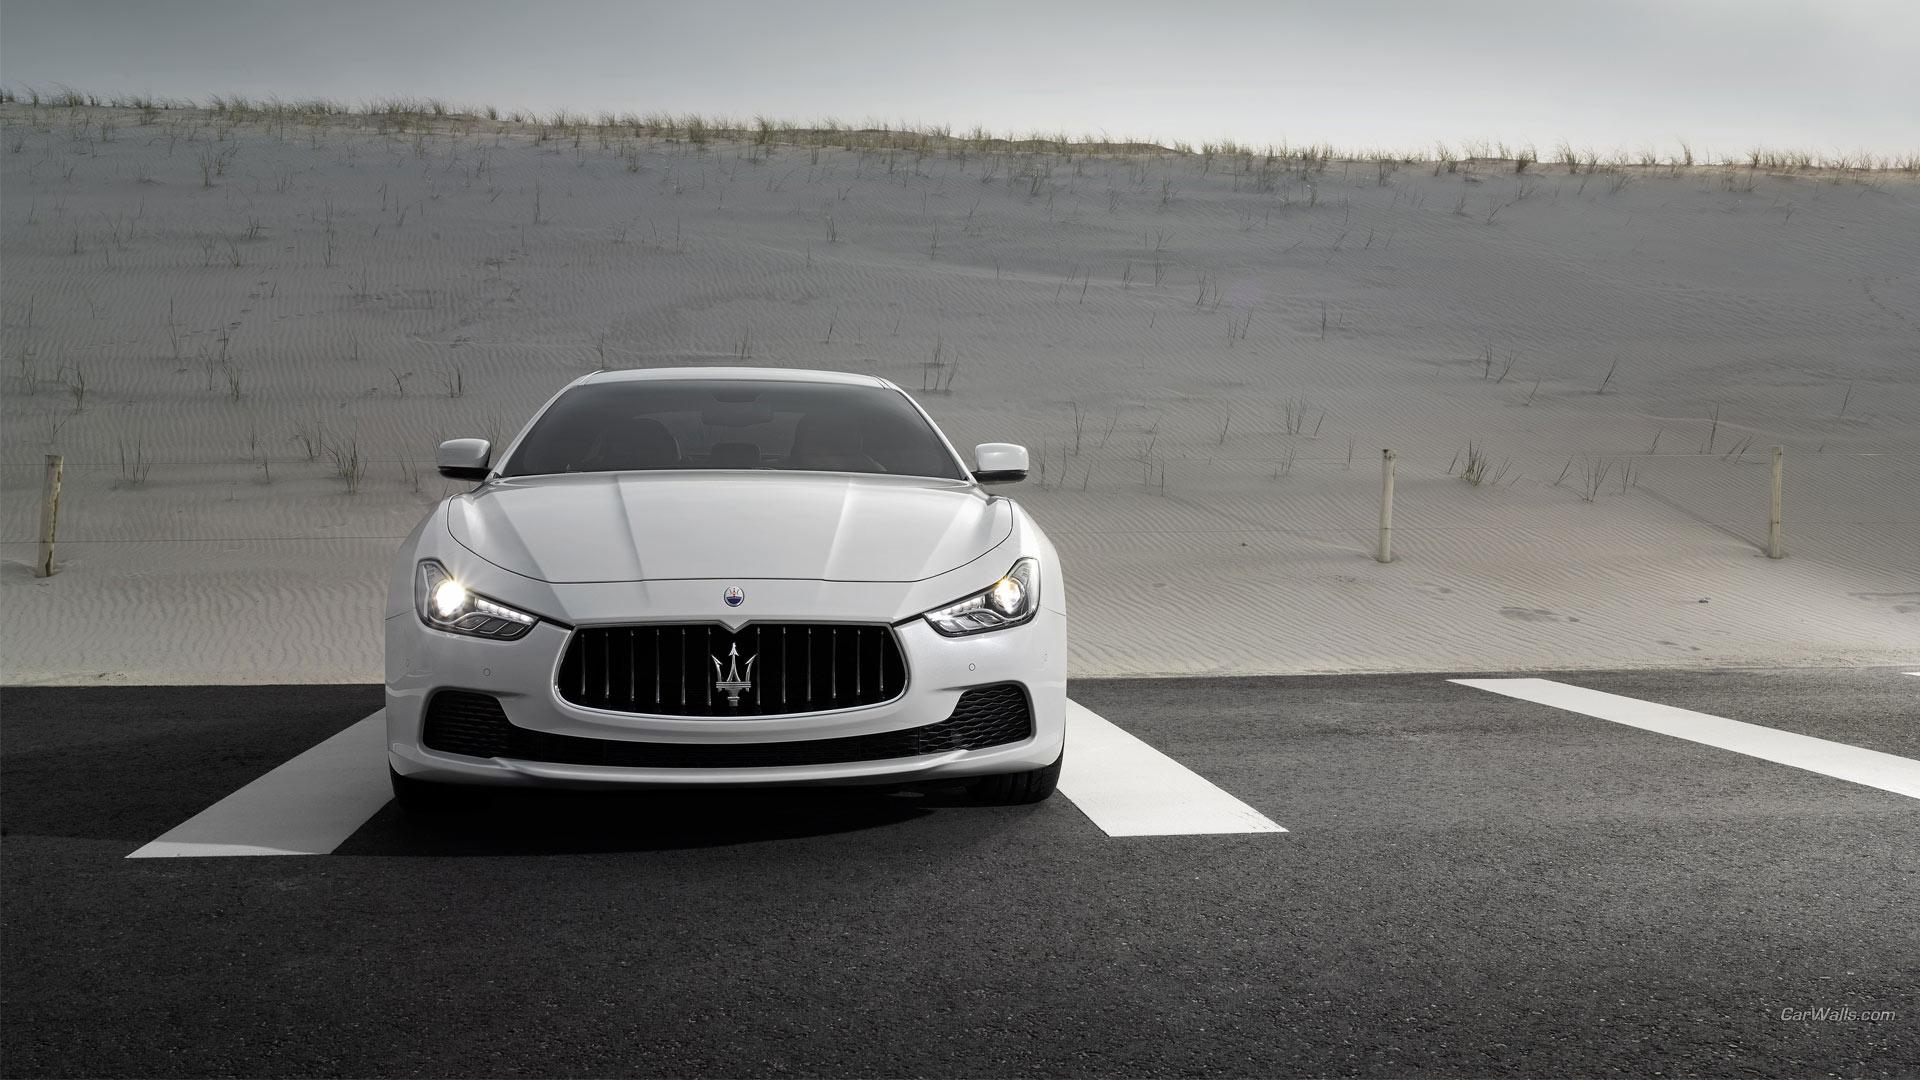 Maserati Ghibli HD Wallpaper